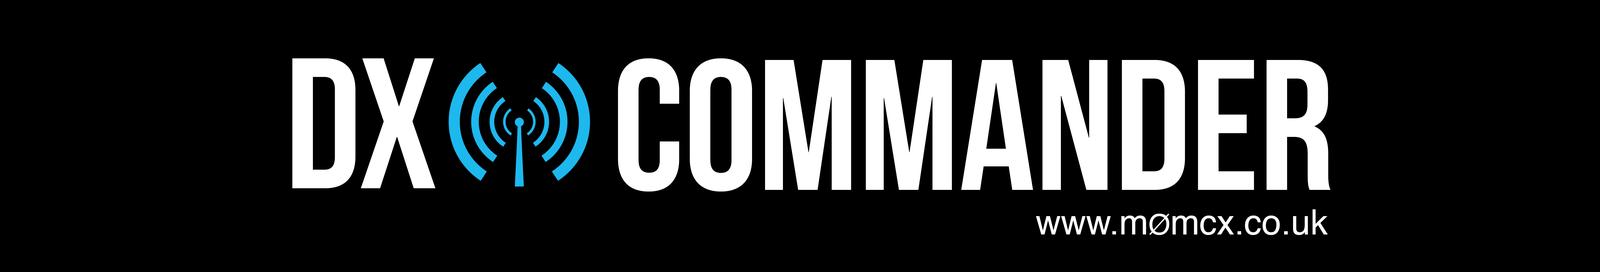 DXCommander